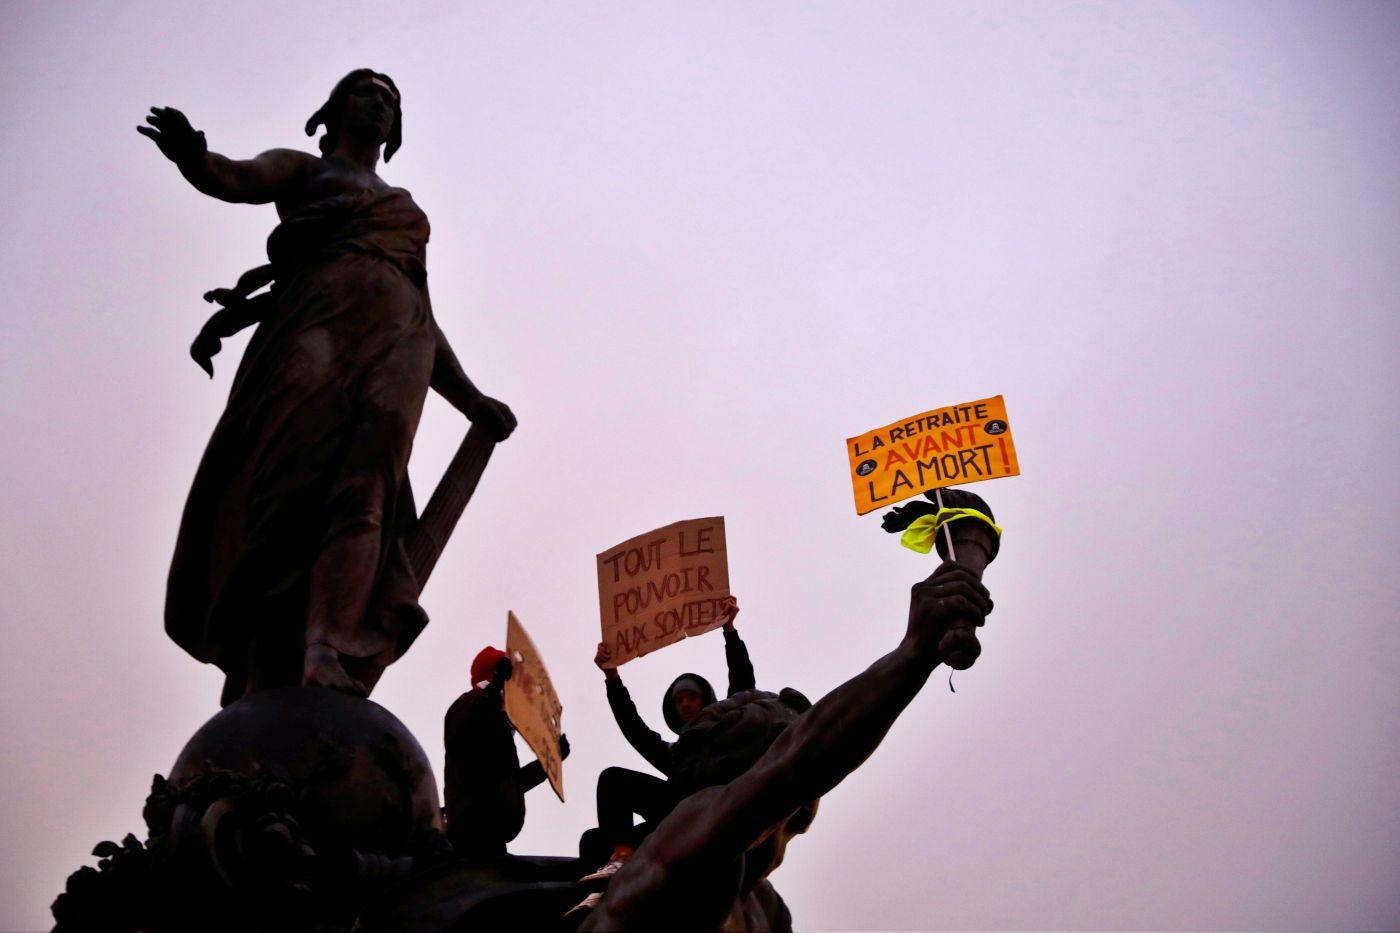 """Huelga y movilizaciones masivas para decir """"no"""" a reforma de pensiones en Francia"""